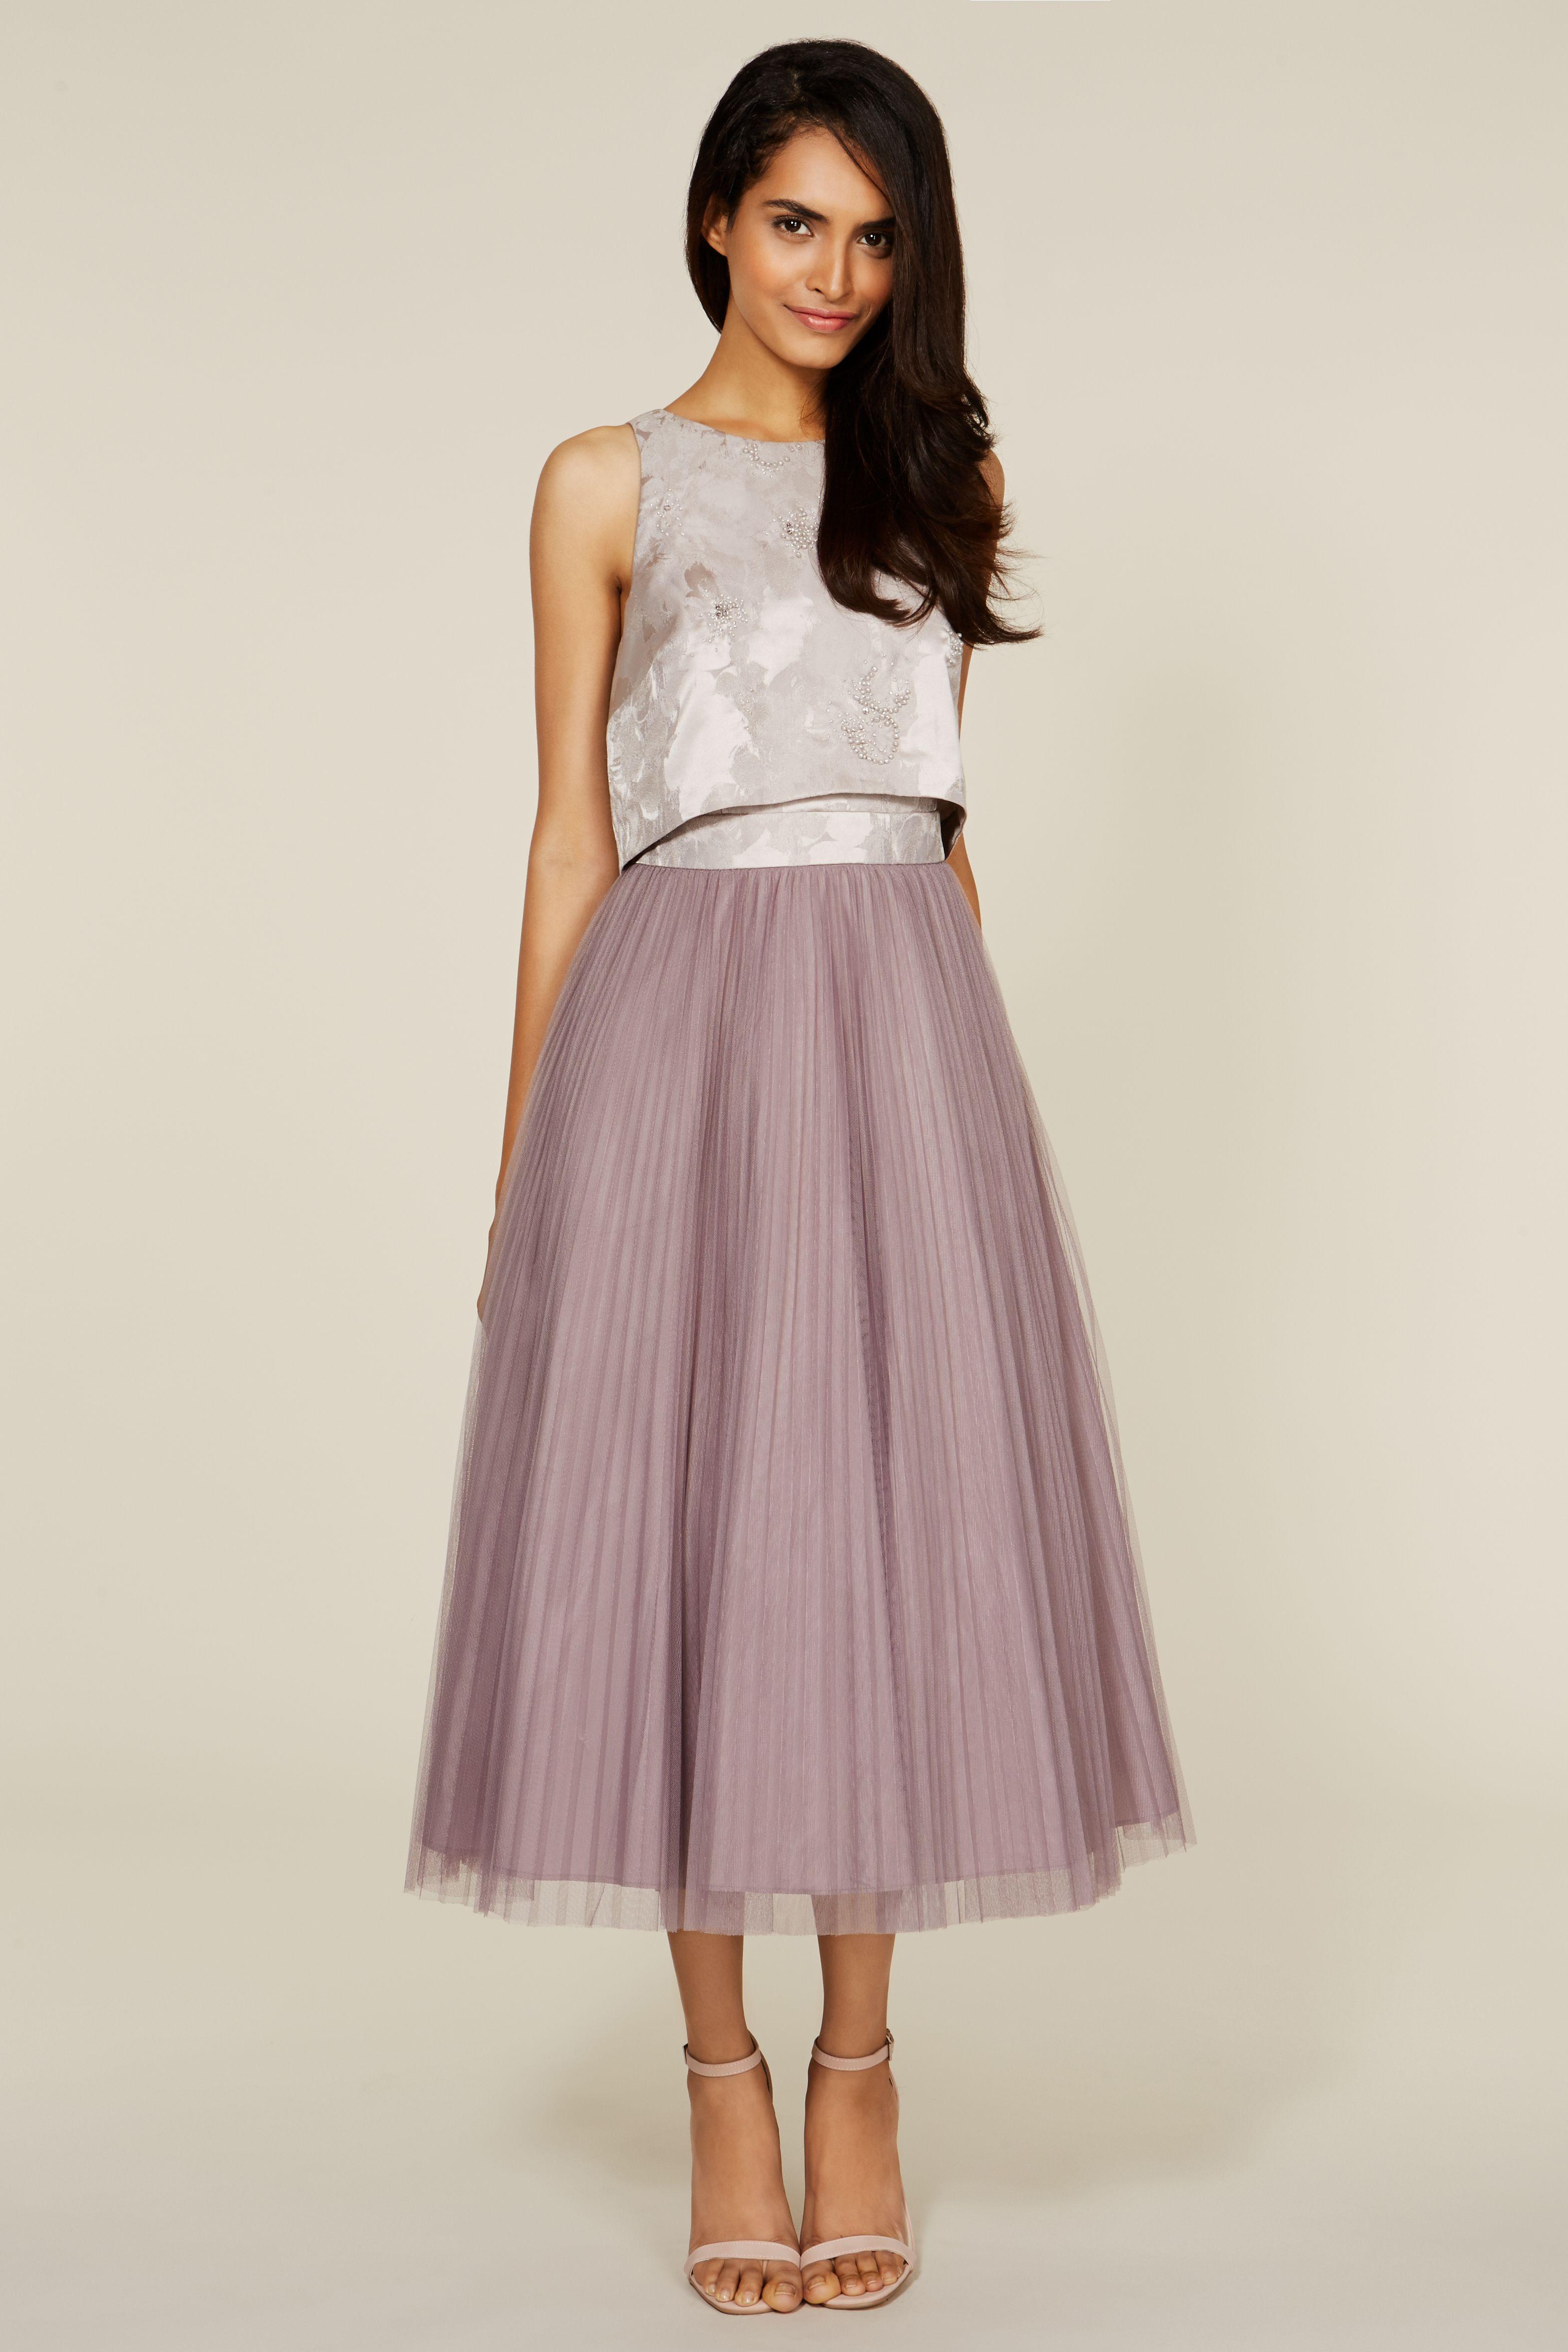 Harven Dress (£195) | Dresses and Skirts | Pinterest | Festliche ...